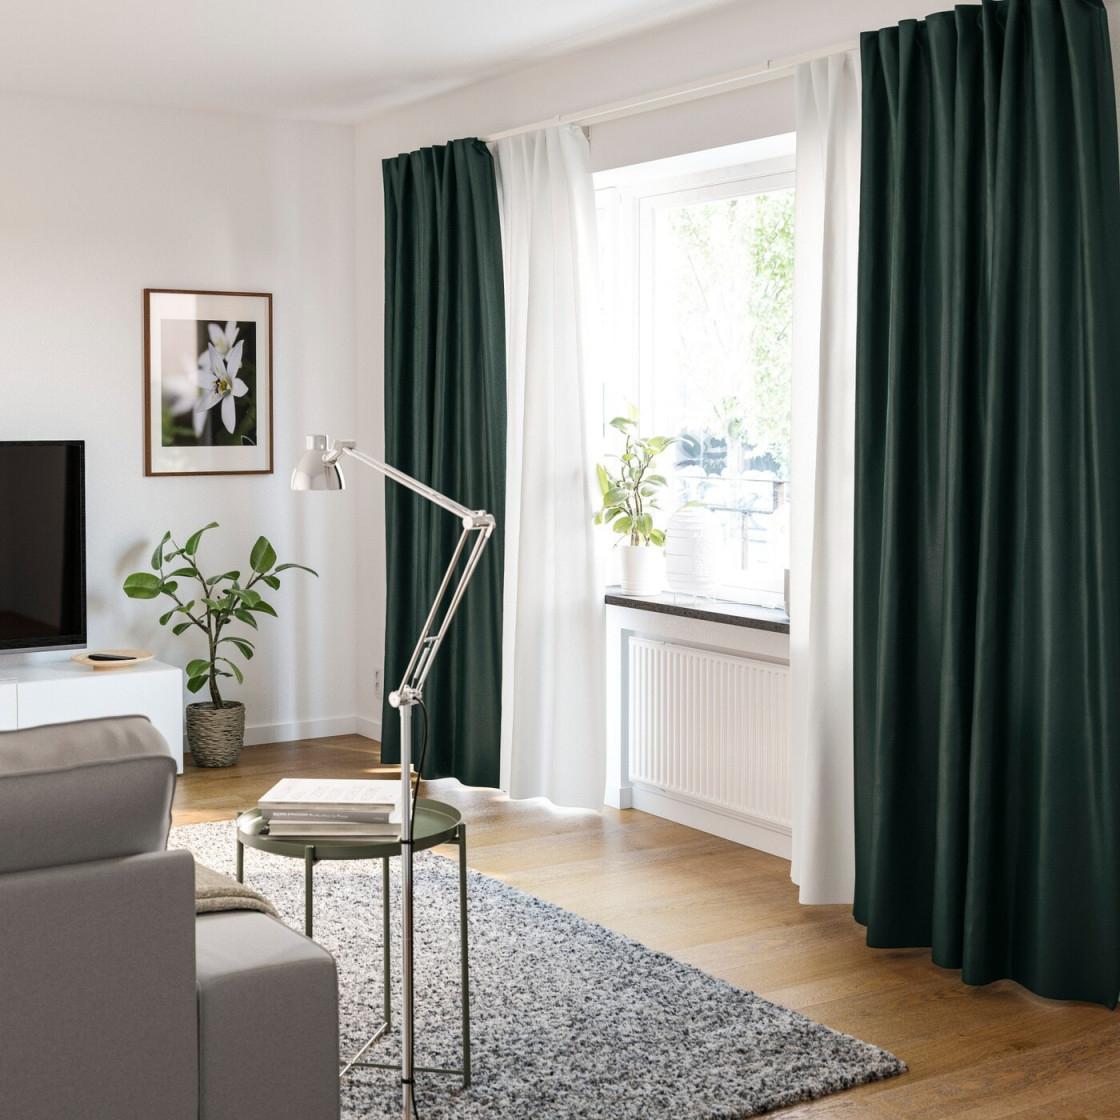 Gardinenideen Inspirationen Für Dein Zuhause  Ikea von Gardinen Für Wohnzimmer Bild